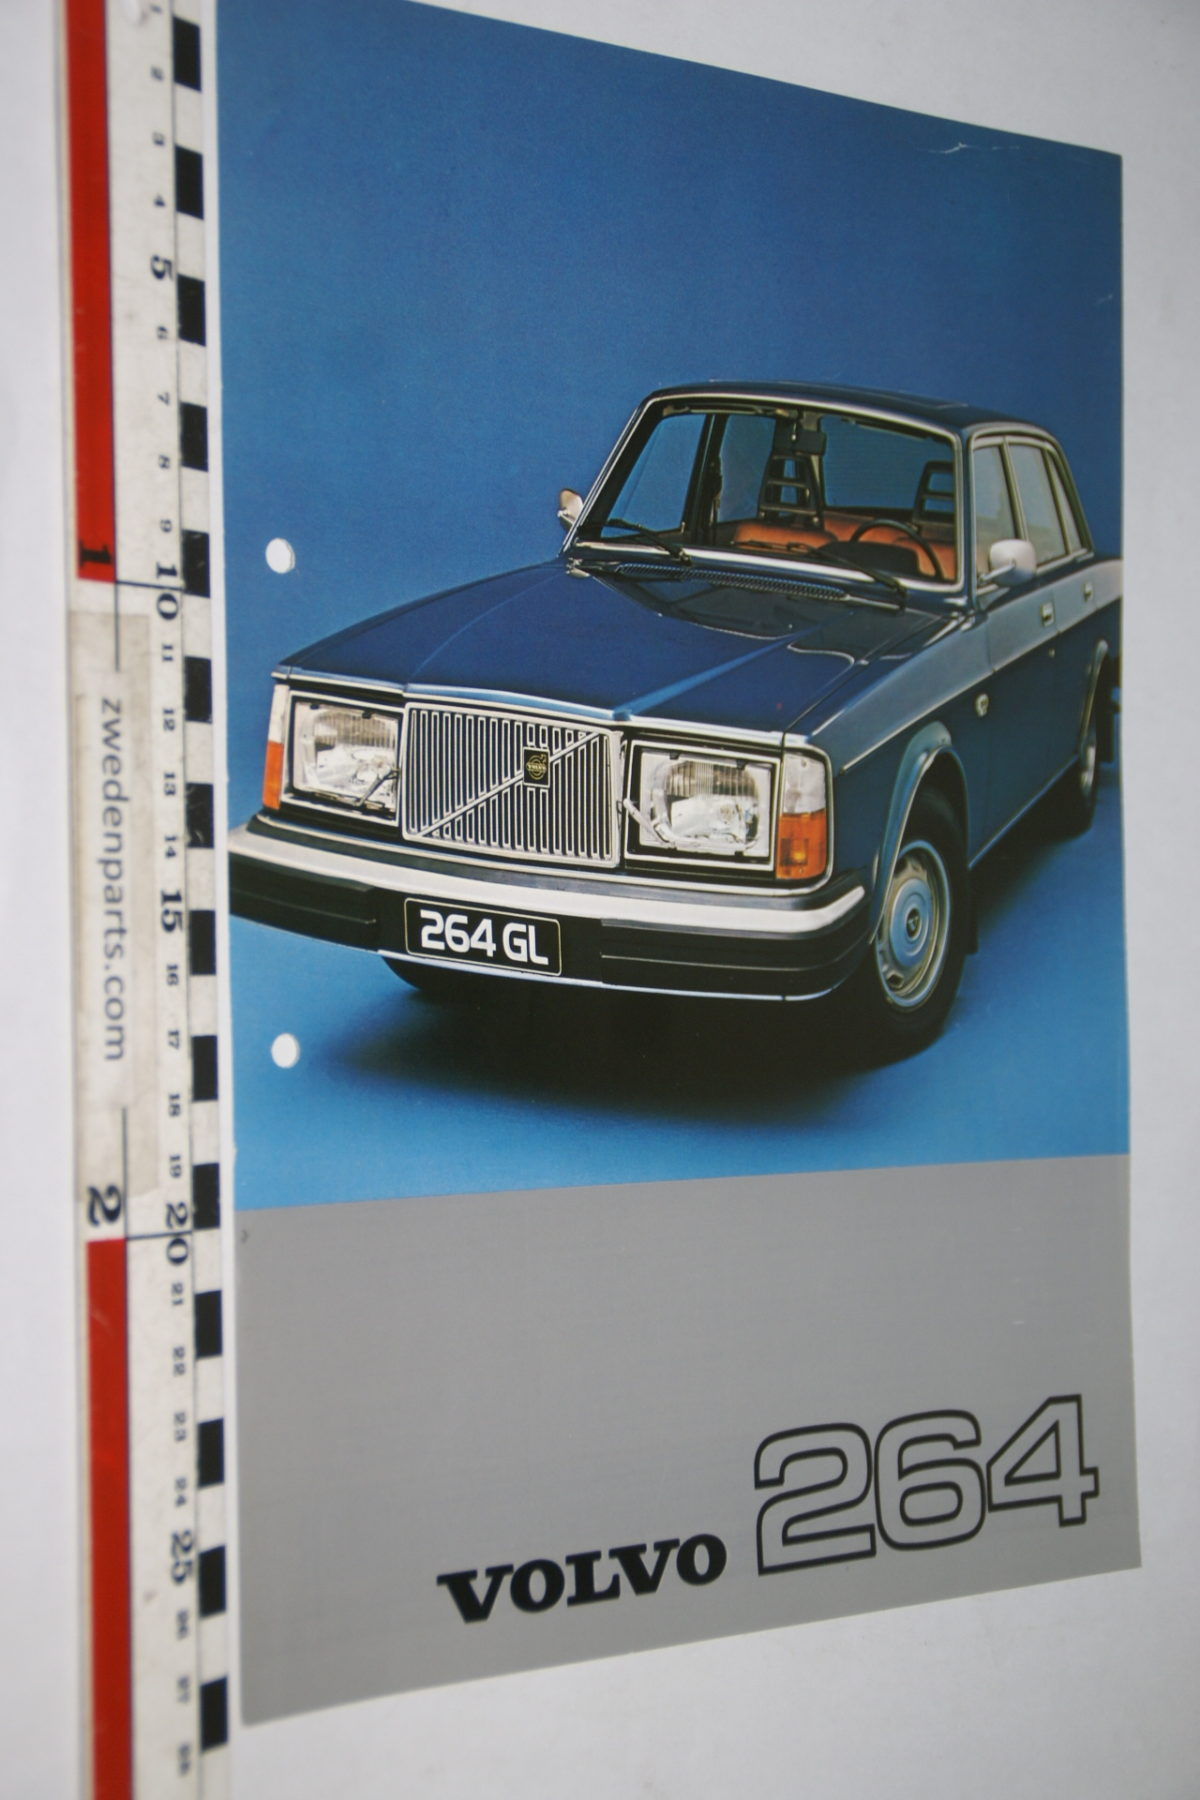 DSC07976 1977 brochure Volvo 264 nr RSPPV 4201